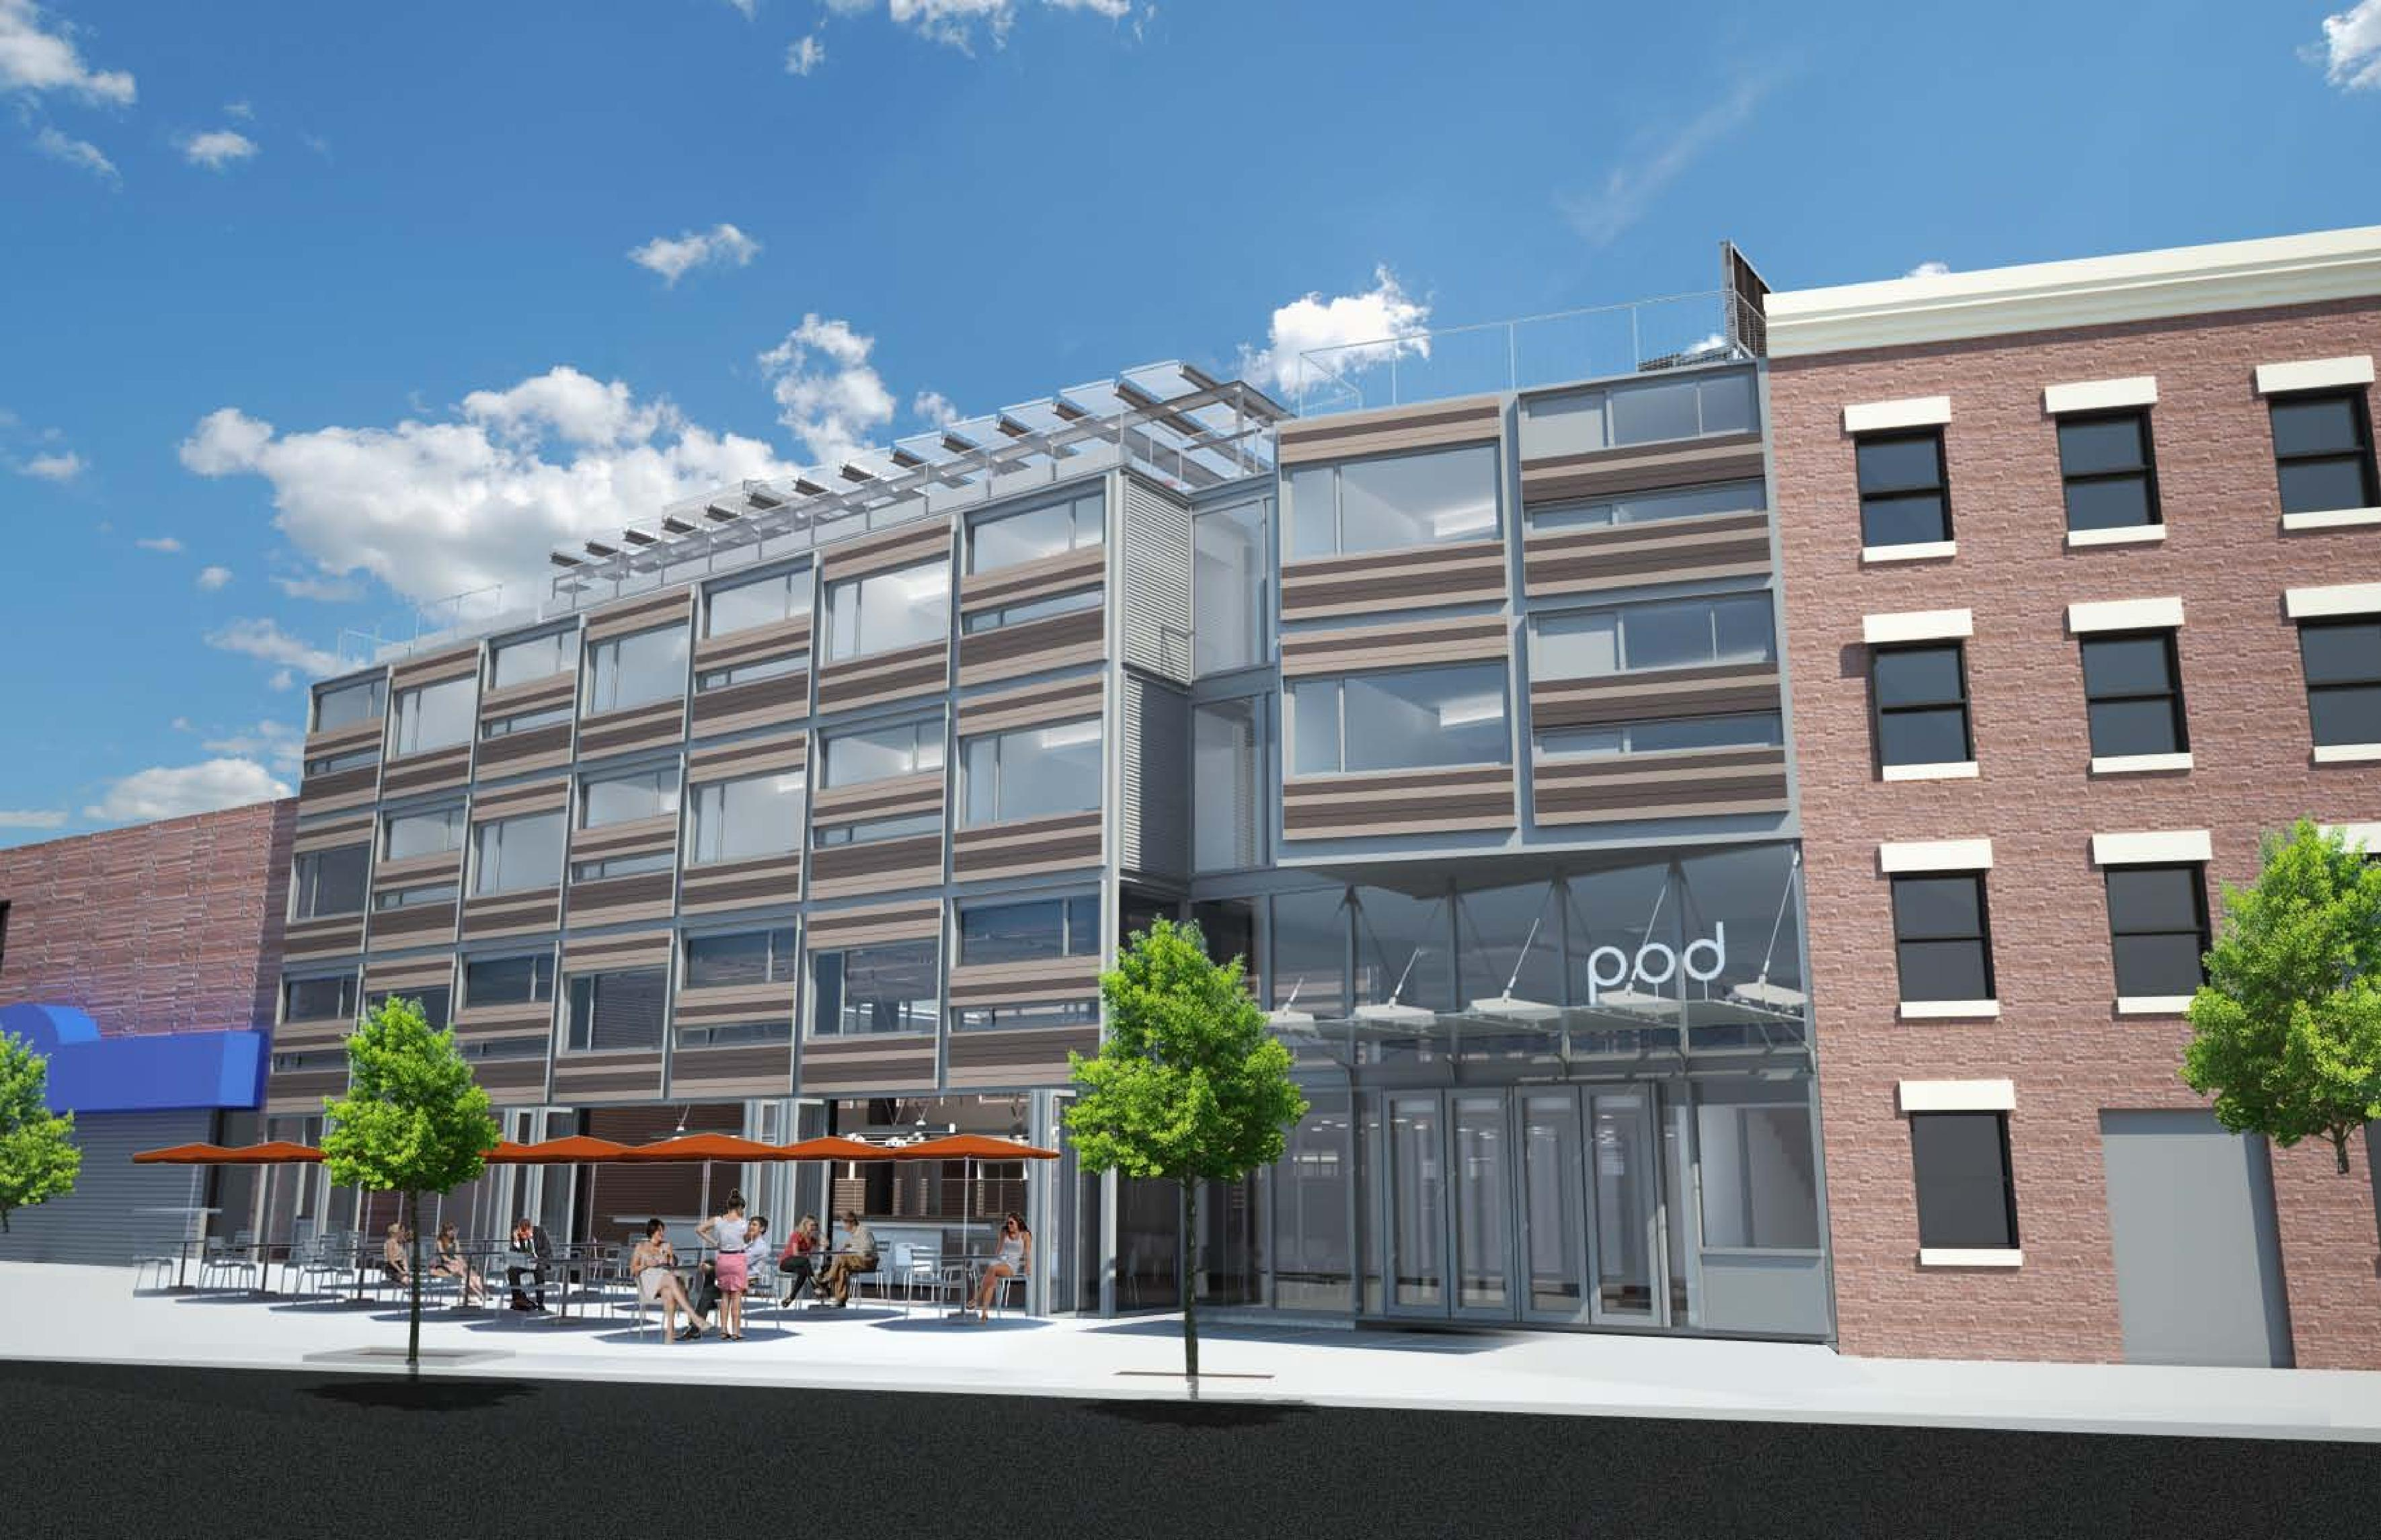 Pacific park unveils polished model apartment for condos for Pacific park 550 vanderbilt